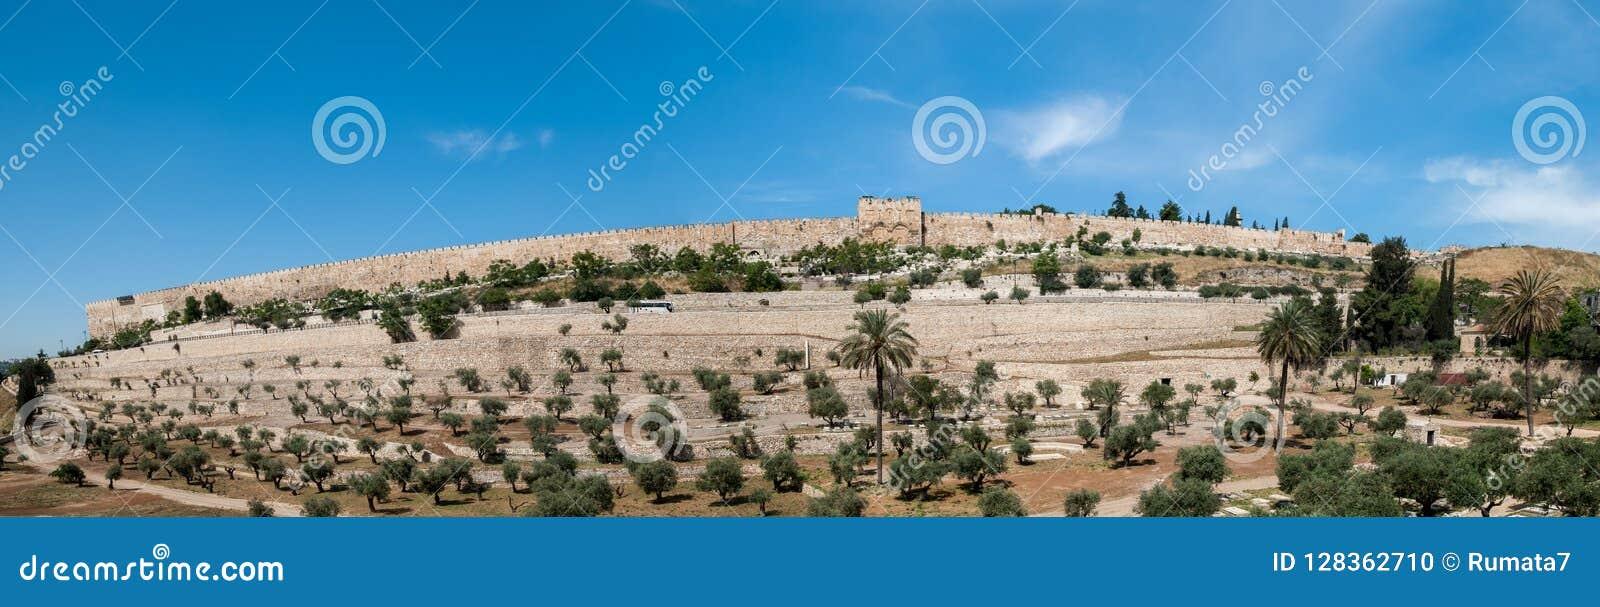 Vue panoramique des murs de Jérusalem